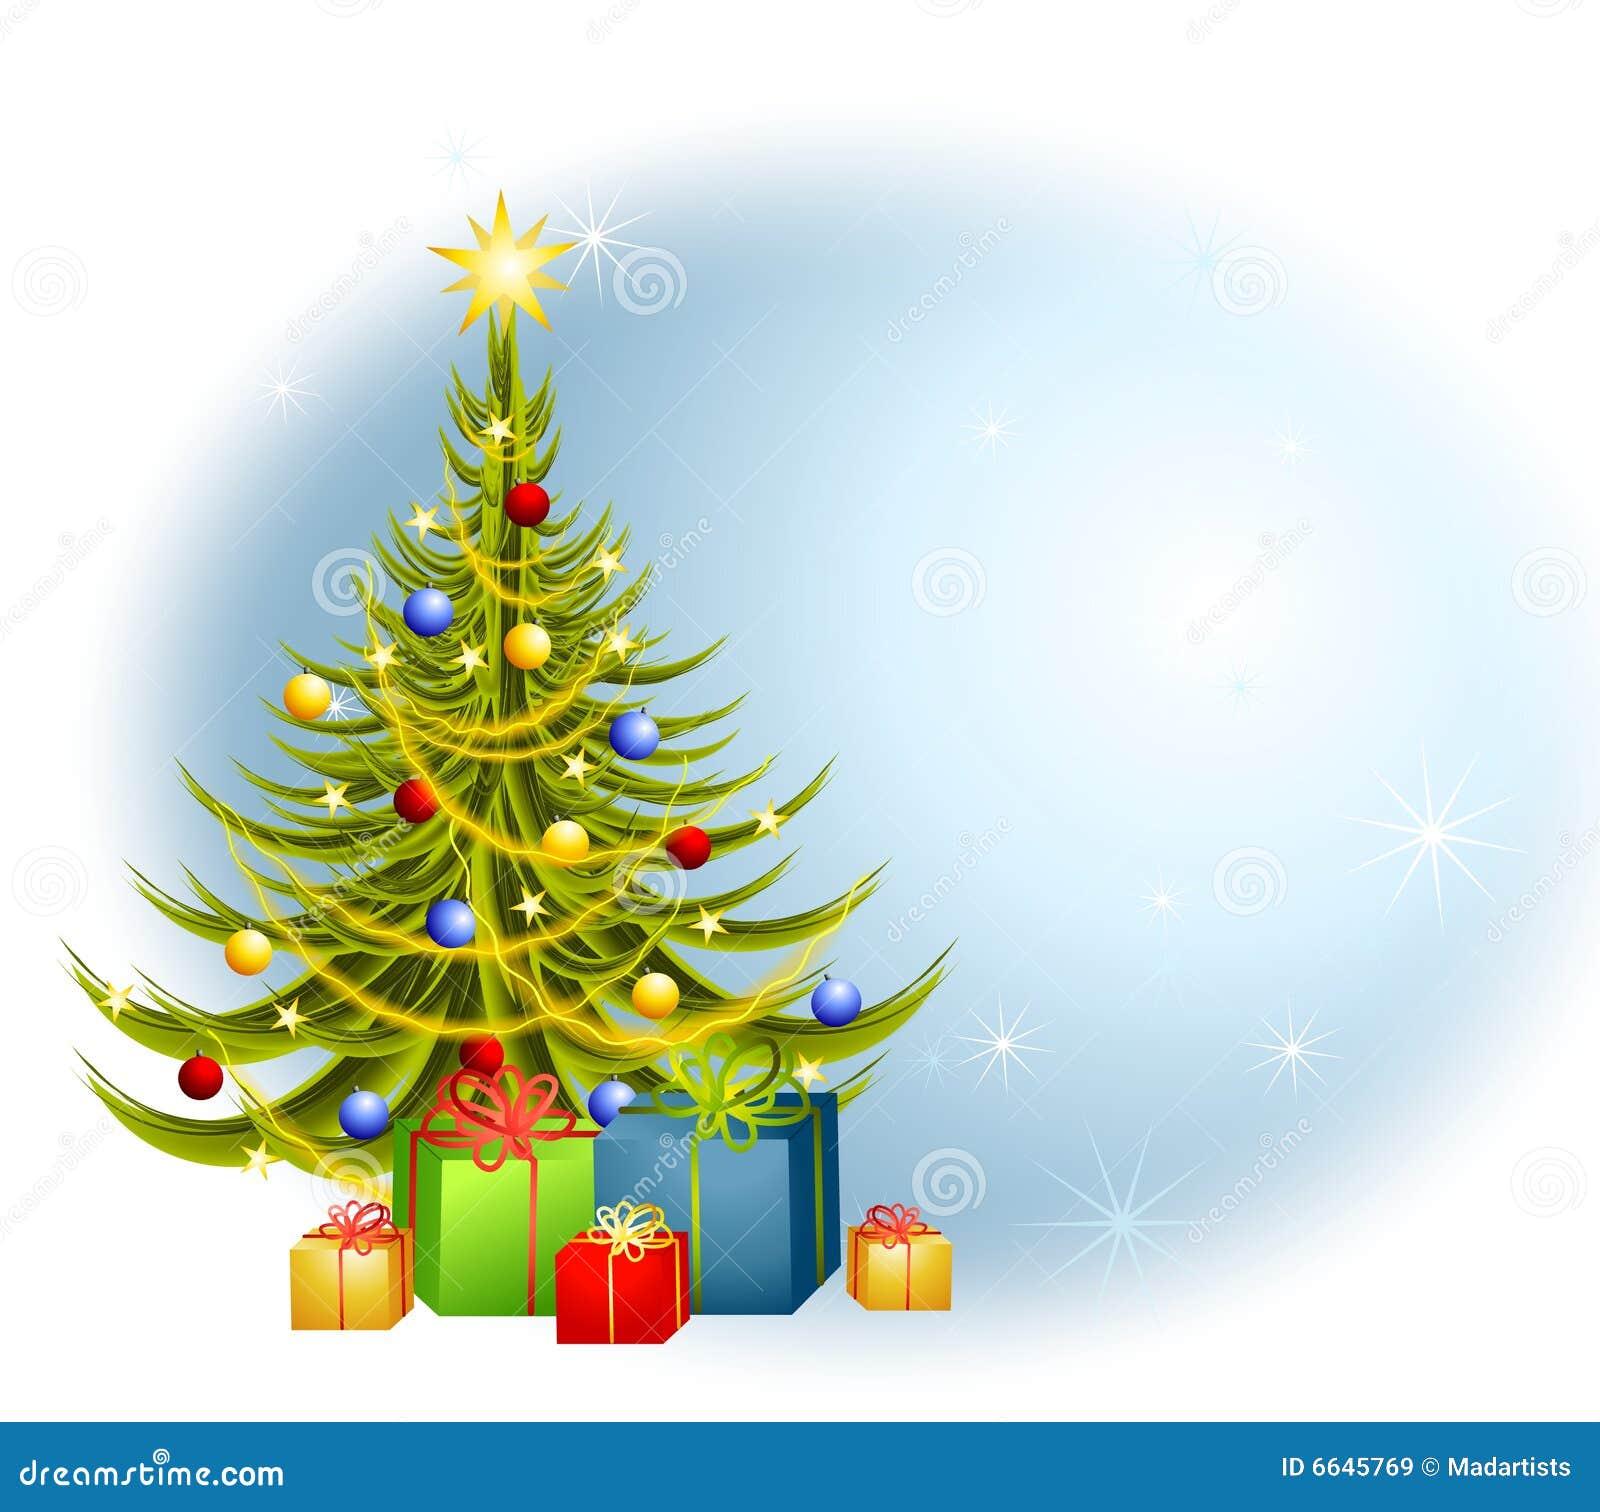 Weihnachtsbaum-Geschenk-Hintergrund Stock Abbildung - Illustration ...